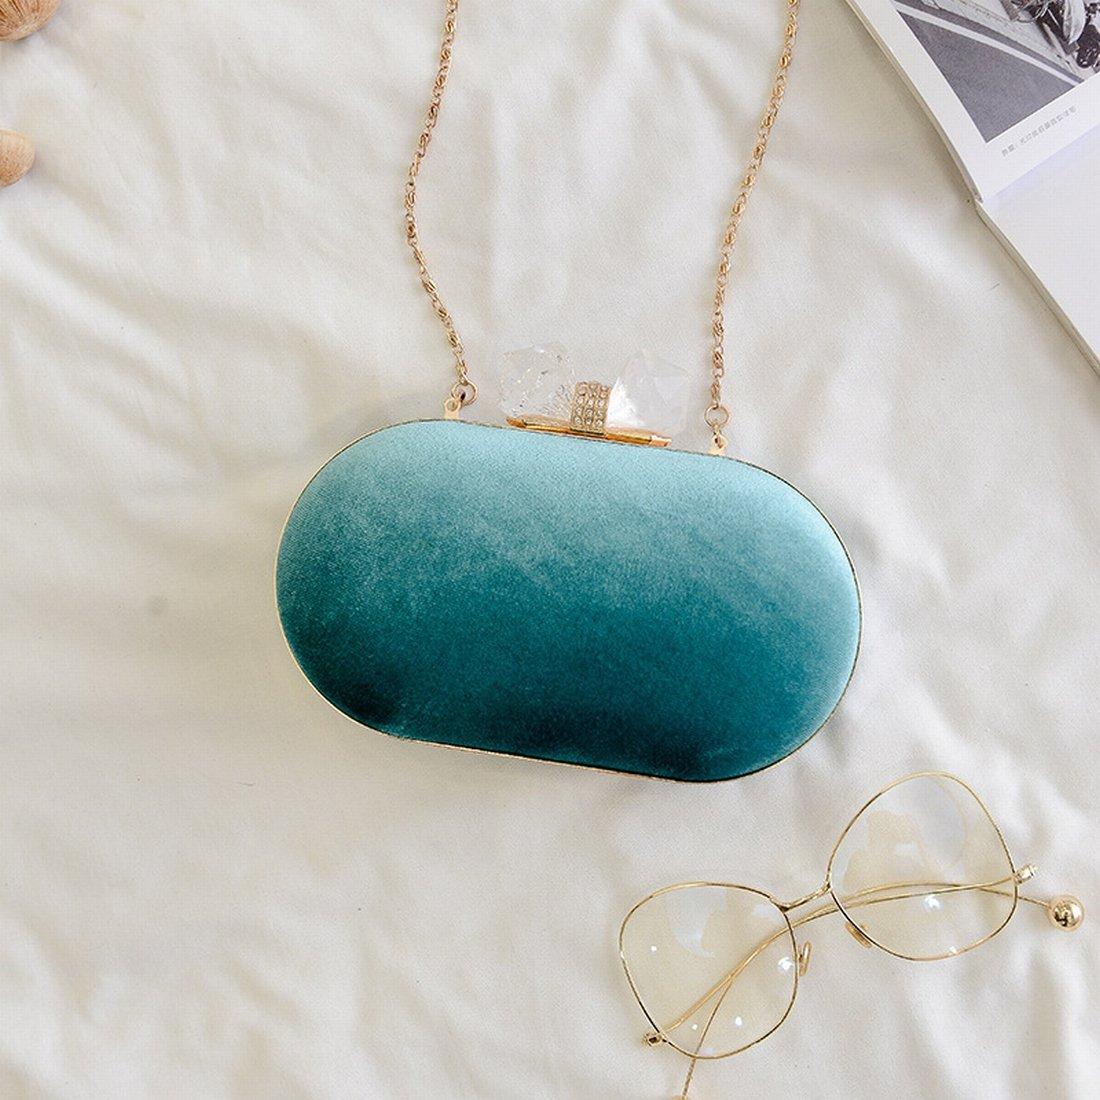 Set Paket-Bankett des Abend Schultertasche aus Kette-Kette Diamanten mit einem Tasche Kosmetik